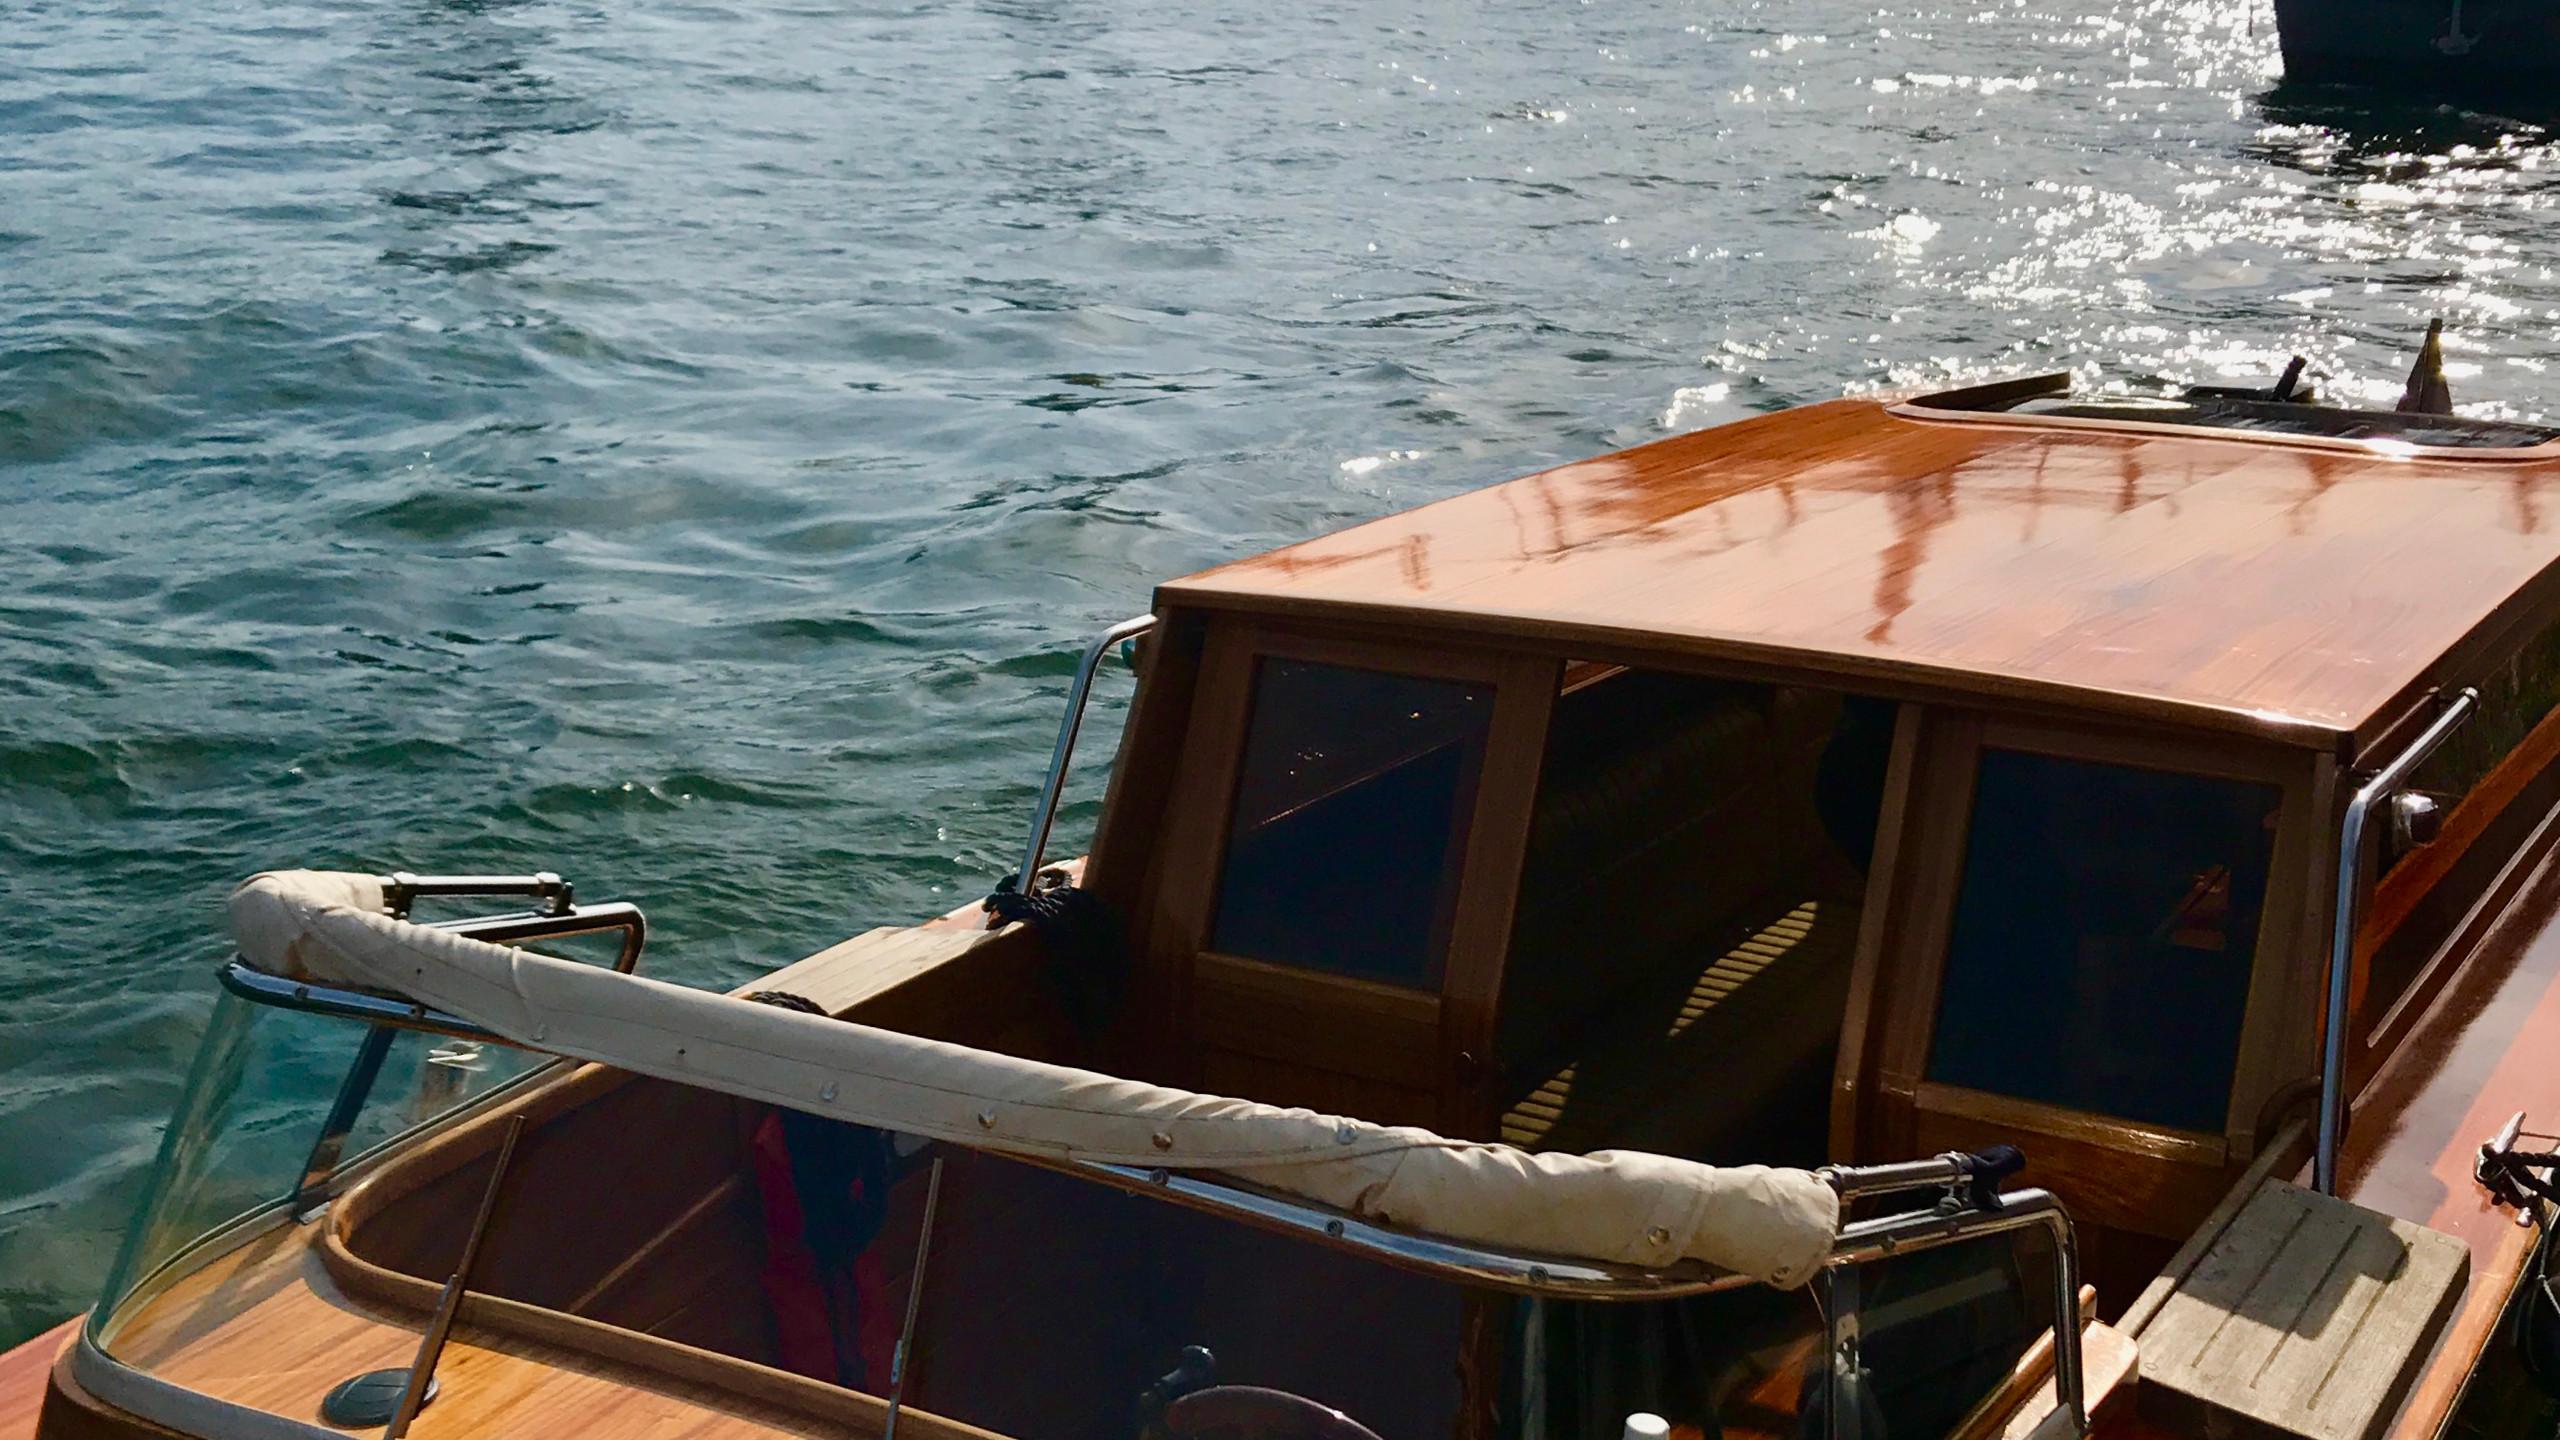 Mahaogany Wood Boat